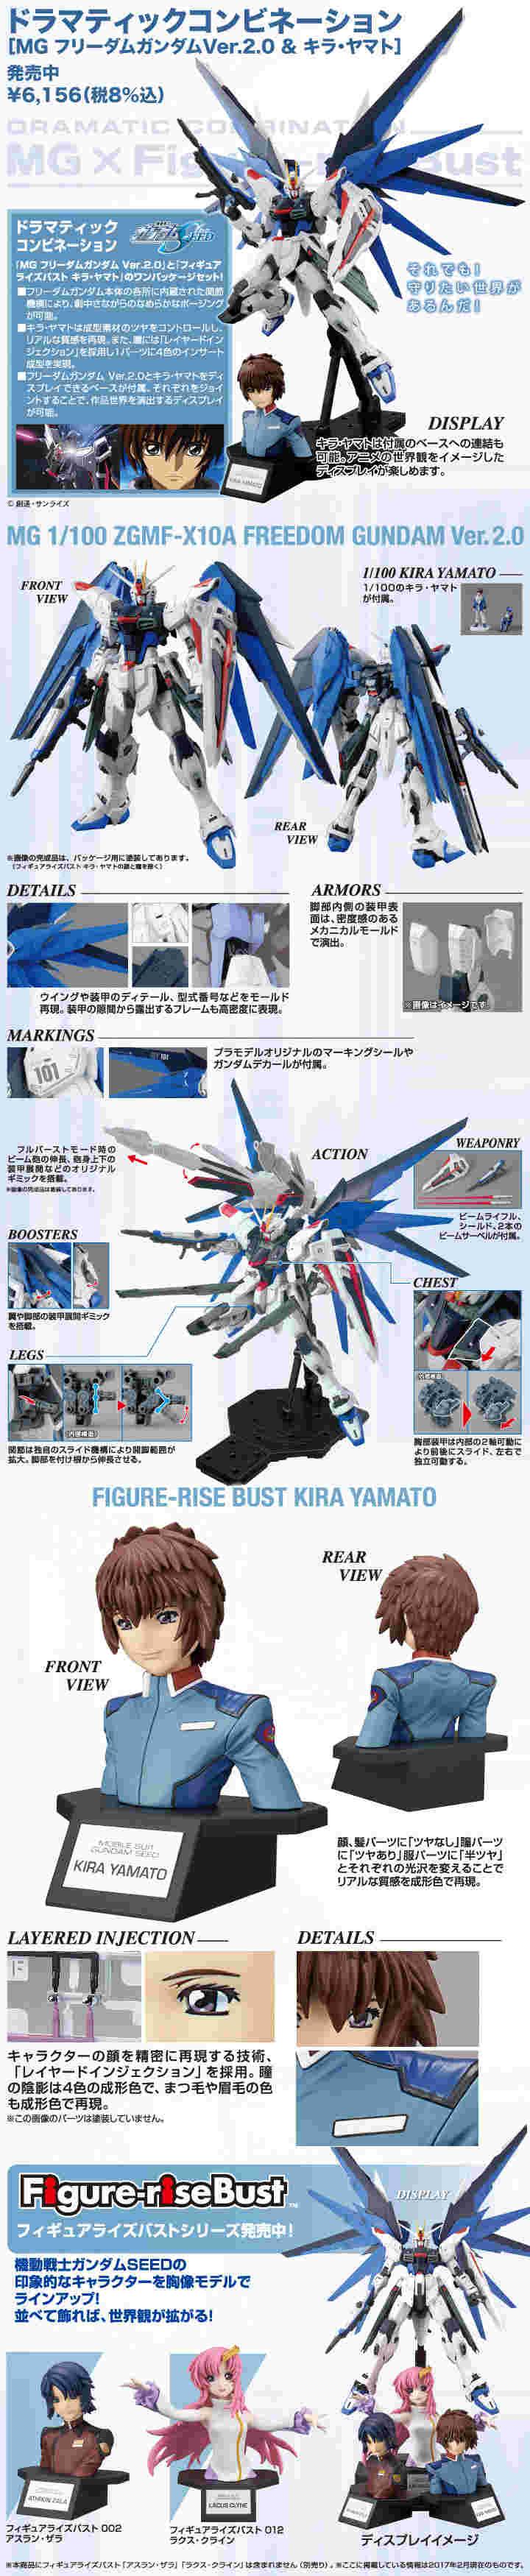 Gundam : Figure-Rise Bust (Bandai) - Page 2 17341210